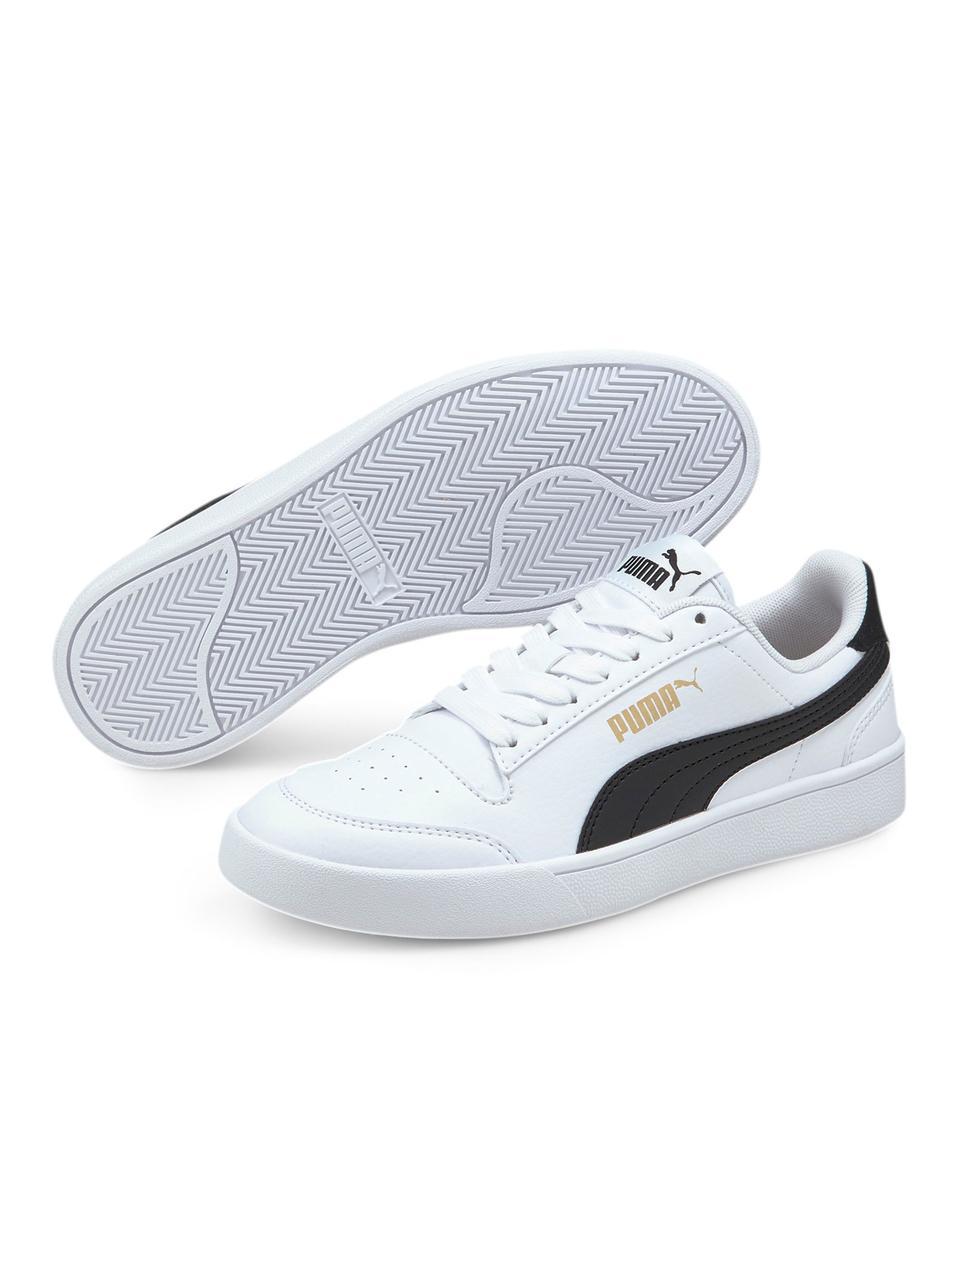 Кеды женские Puma Shuffle белые 375688-02